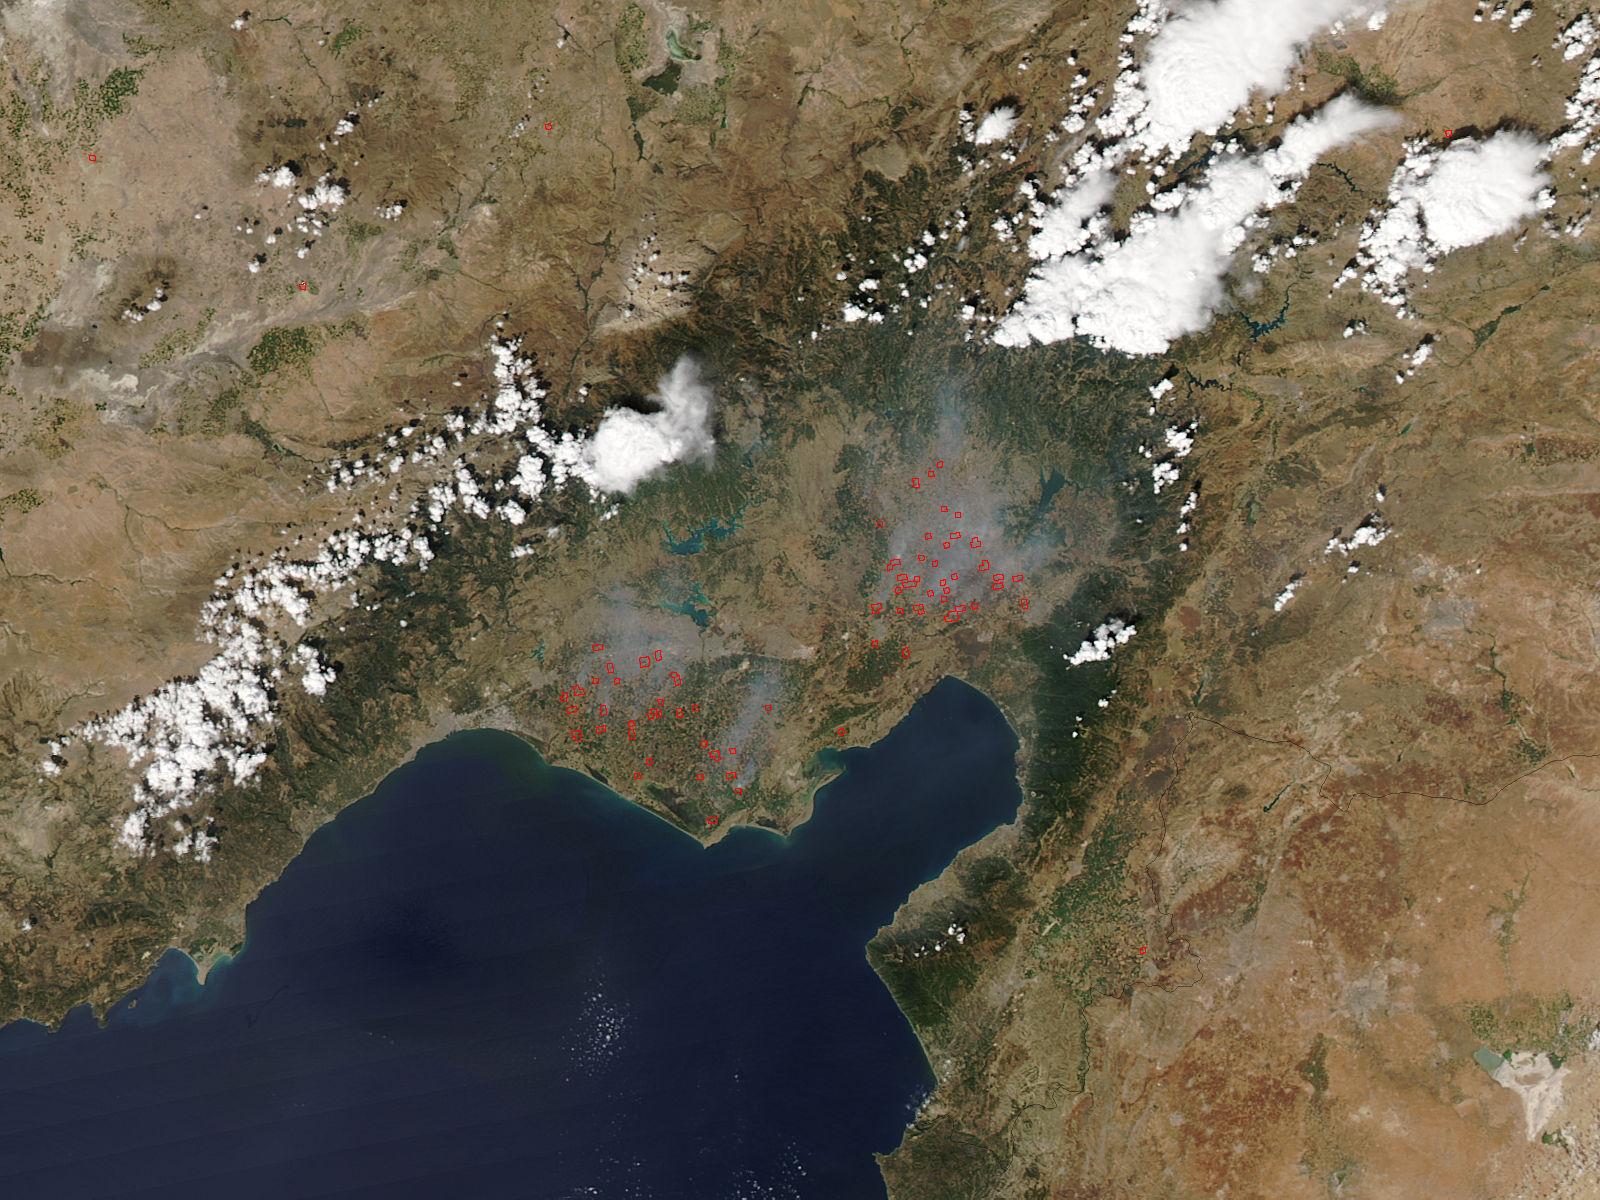 Yakılan anızlardan çıkan dumanların uzaydan görüntüsü